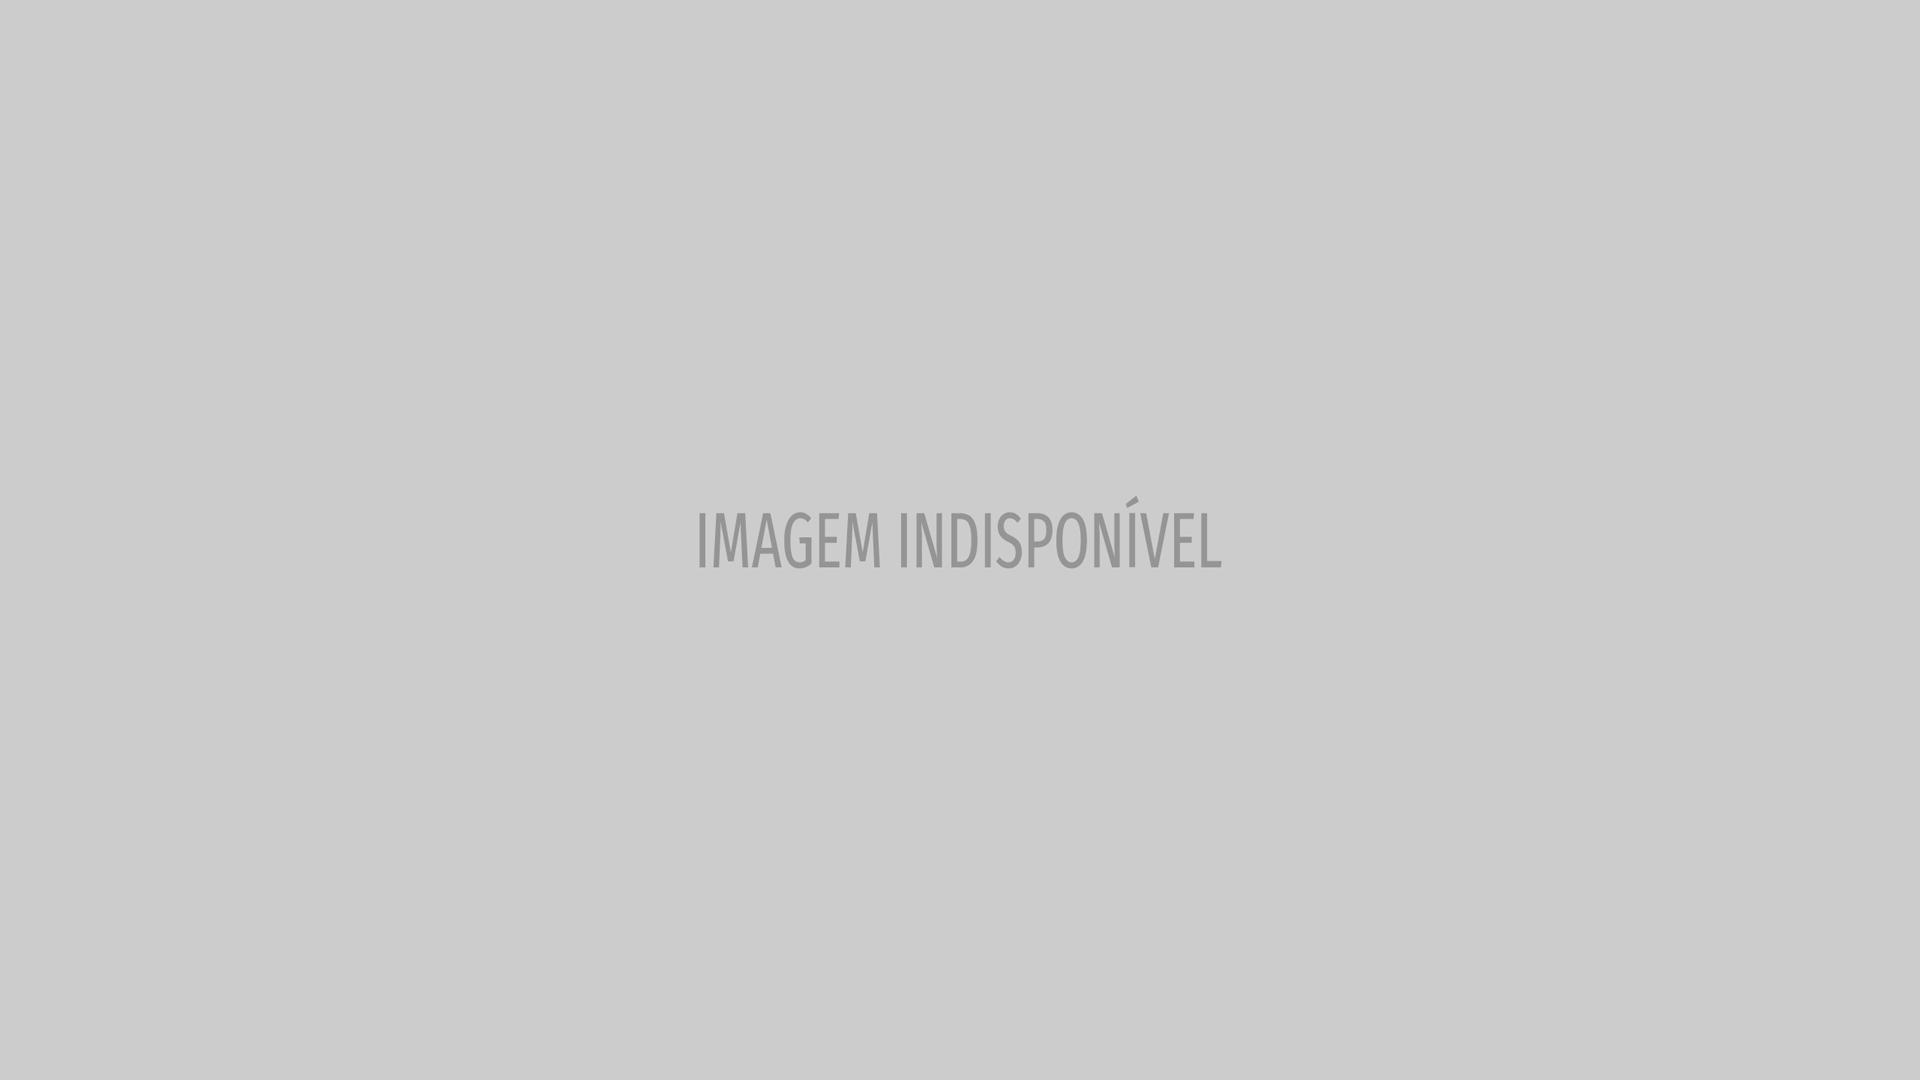 Leona Lewis partilha momentos românticos com o namorado